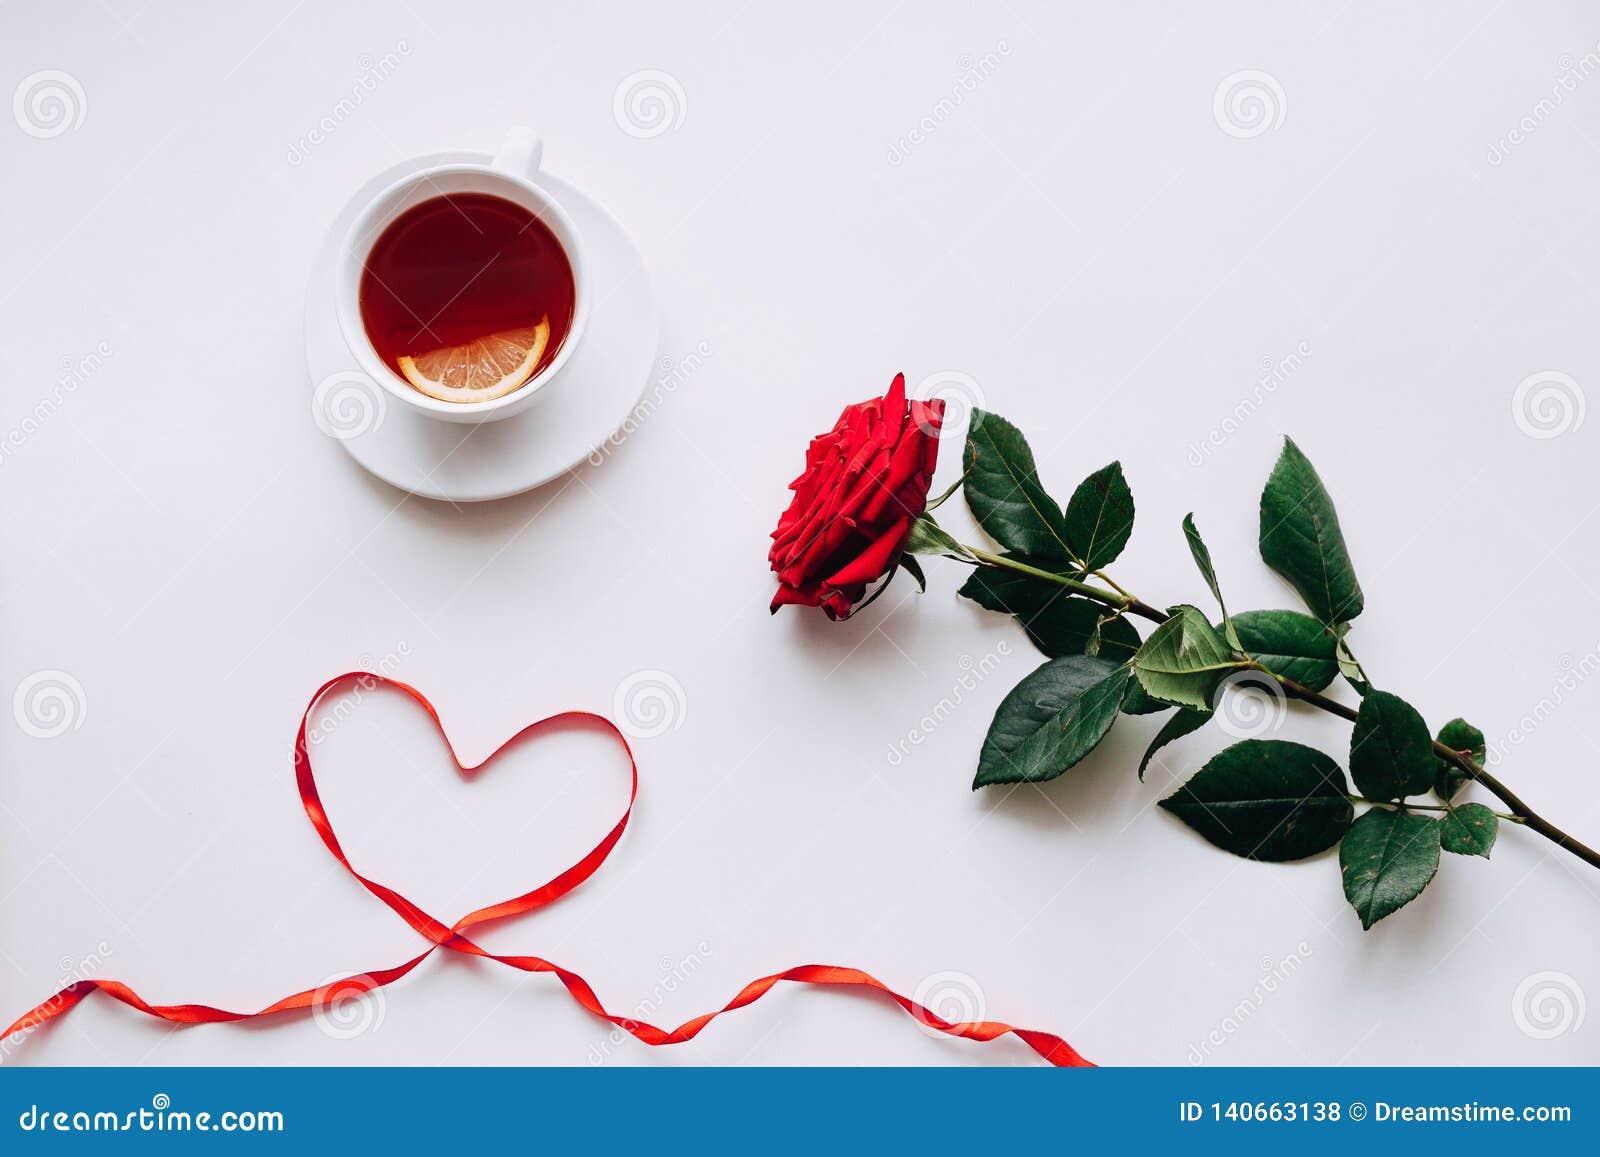 Rosa vermelha em um fundo branco, fita no coração do ide daqui até o 8 de março